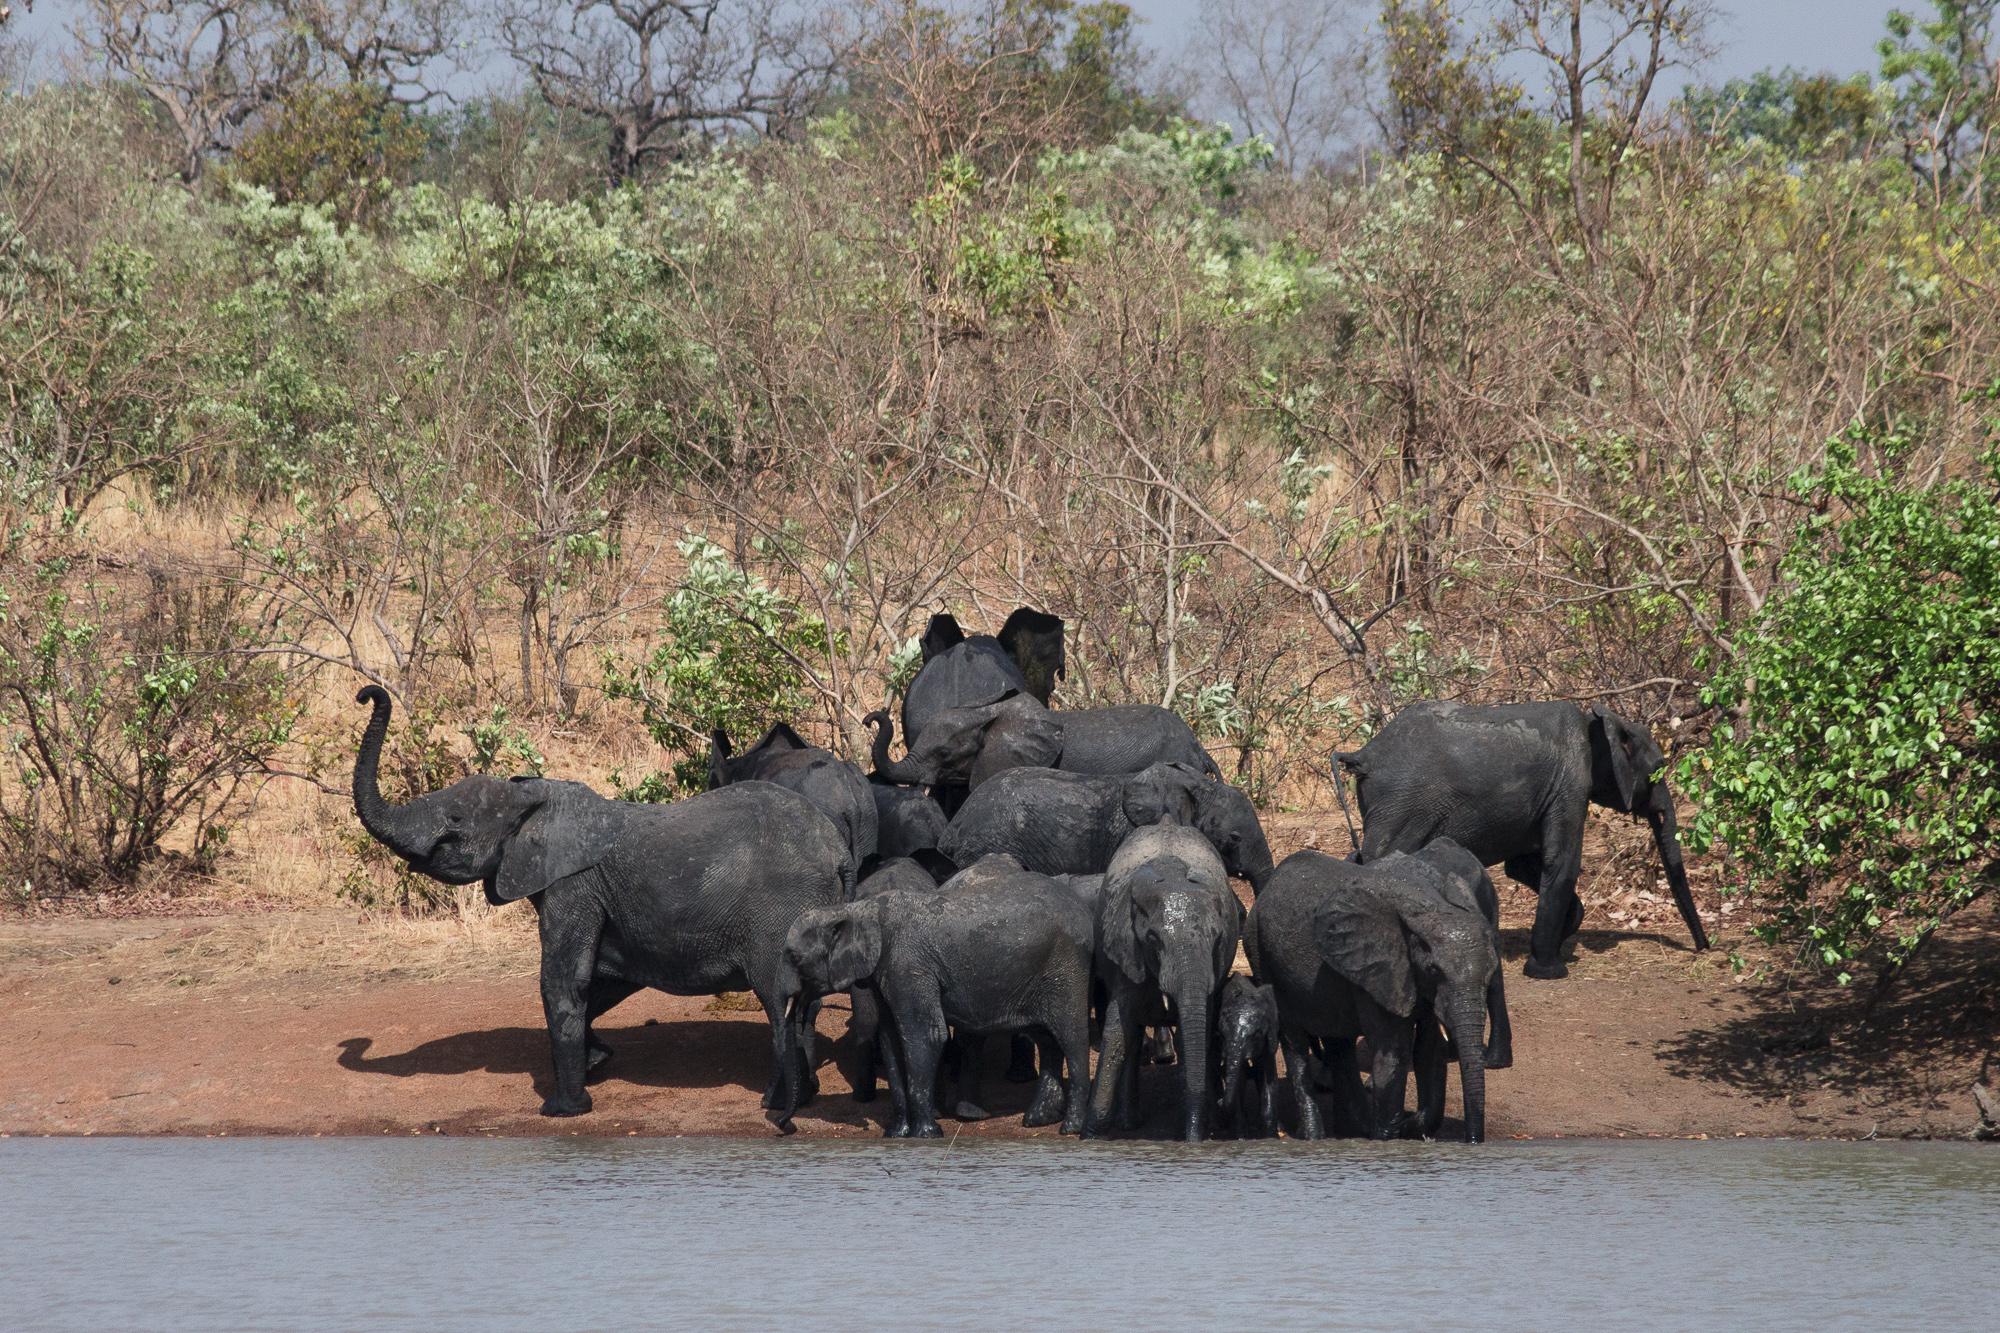 Eléphants s'abreuvant au bord d'un lac dans la réserve de Nazinga, Burkina Faso